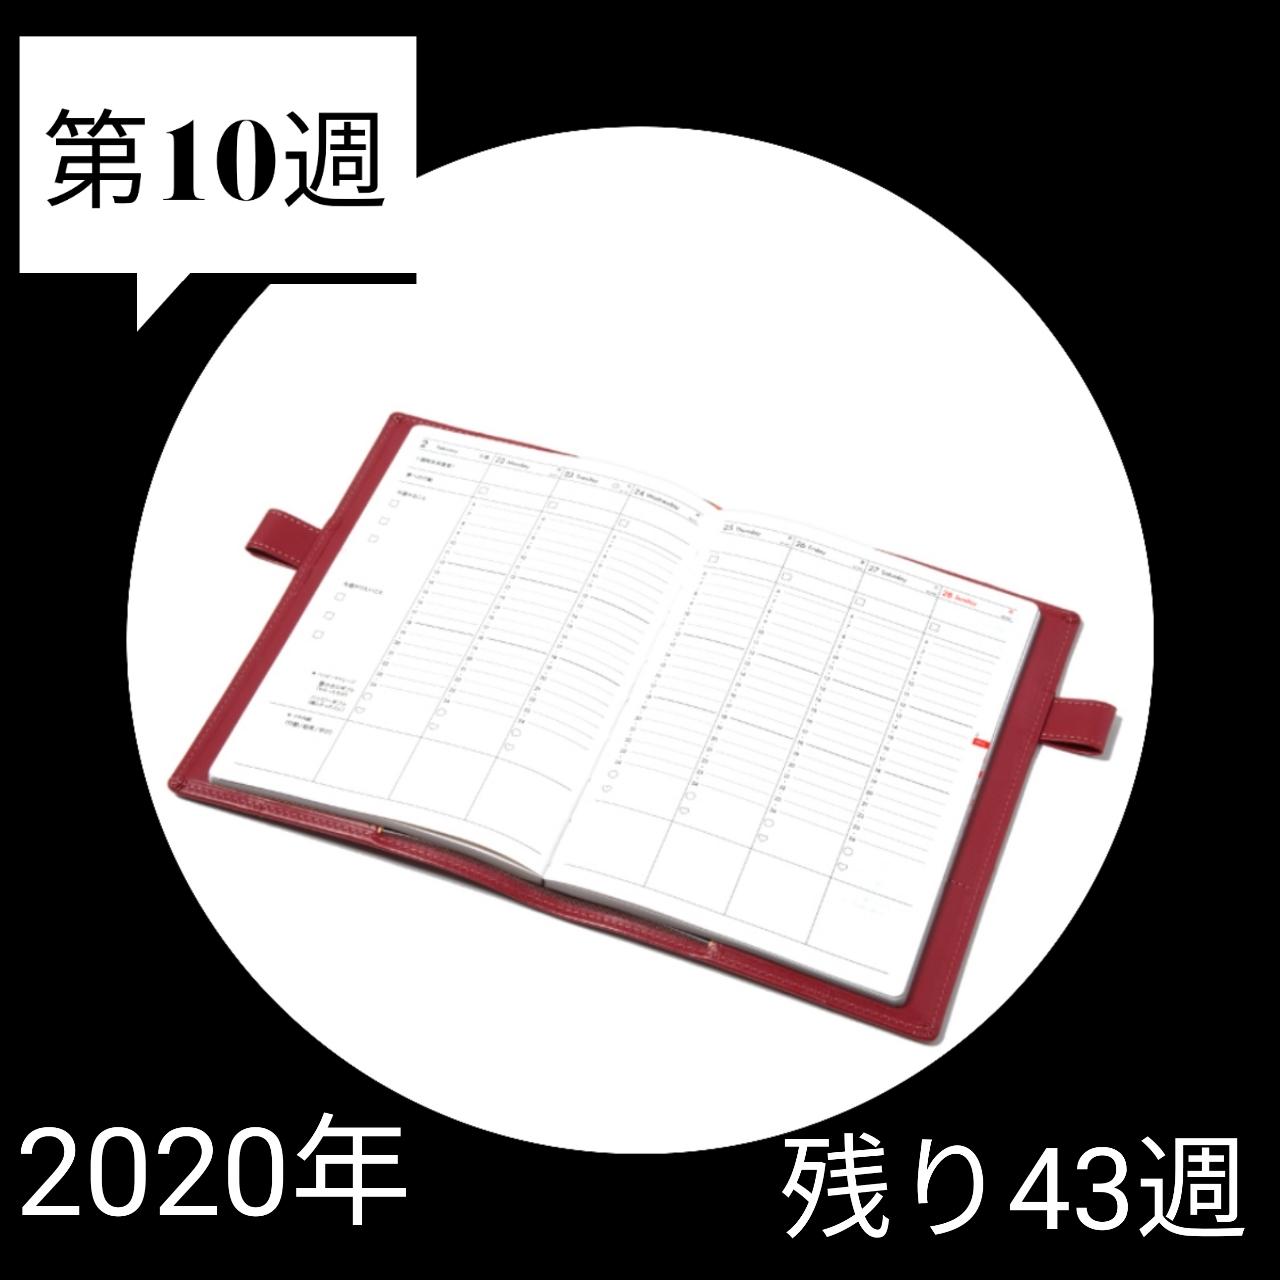 200301 第10週の手帳タイムを取ろう!_f0164842_10554979.jpg